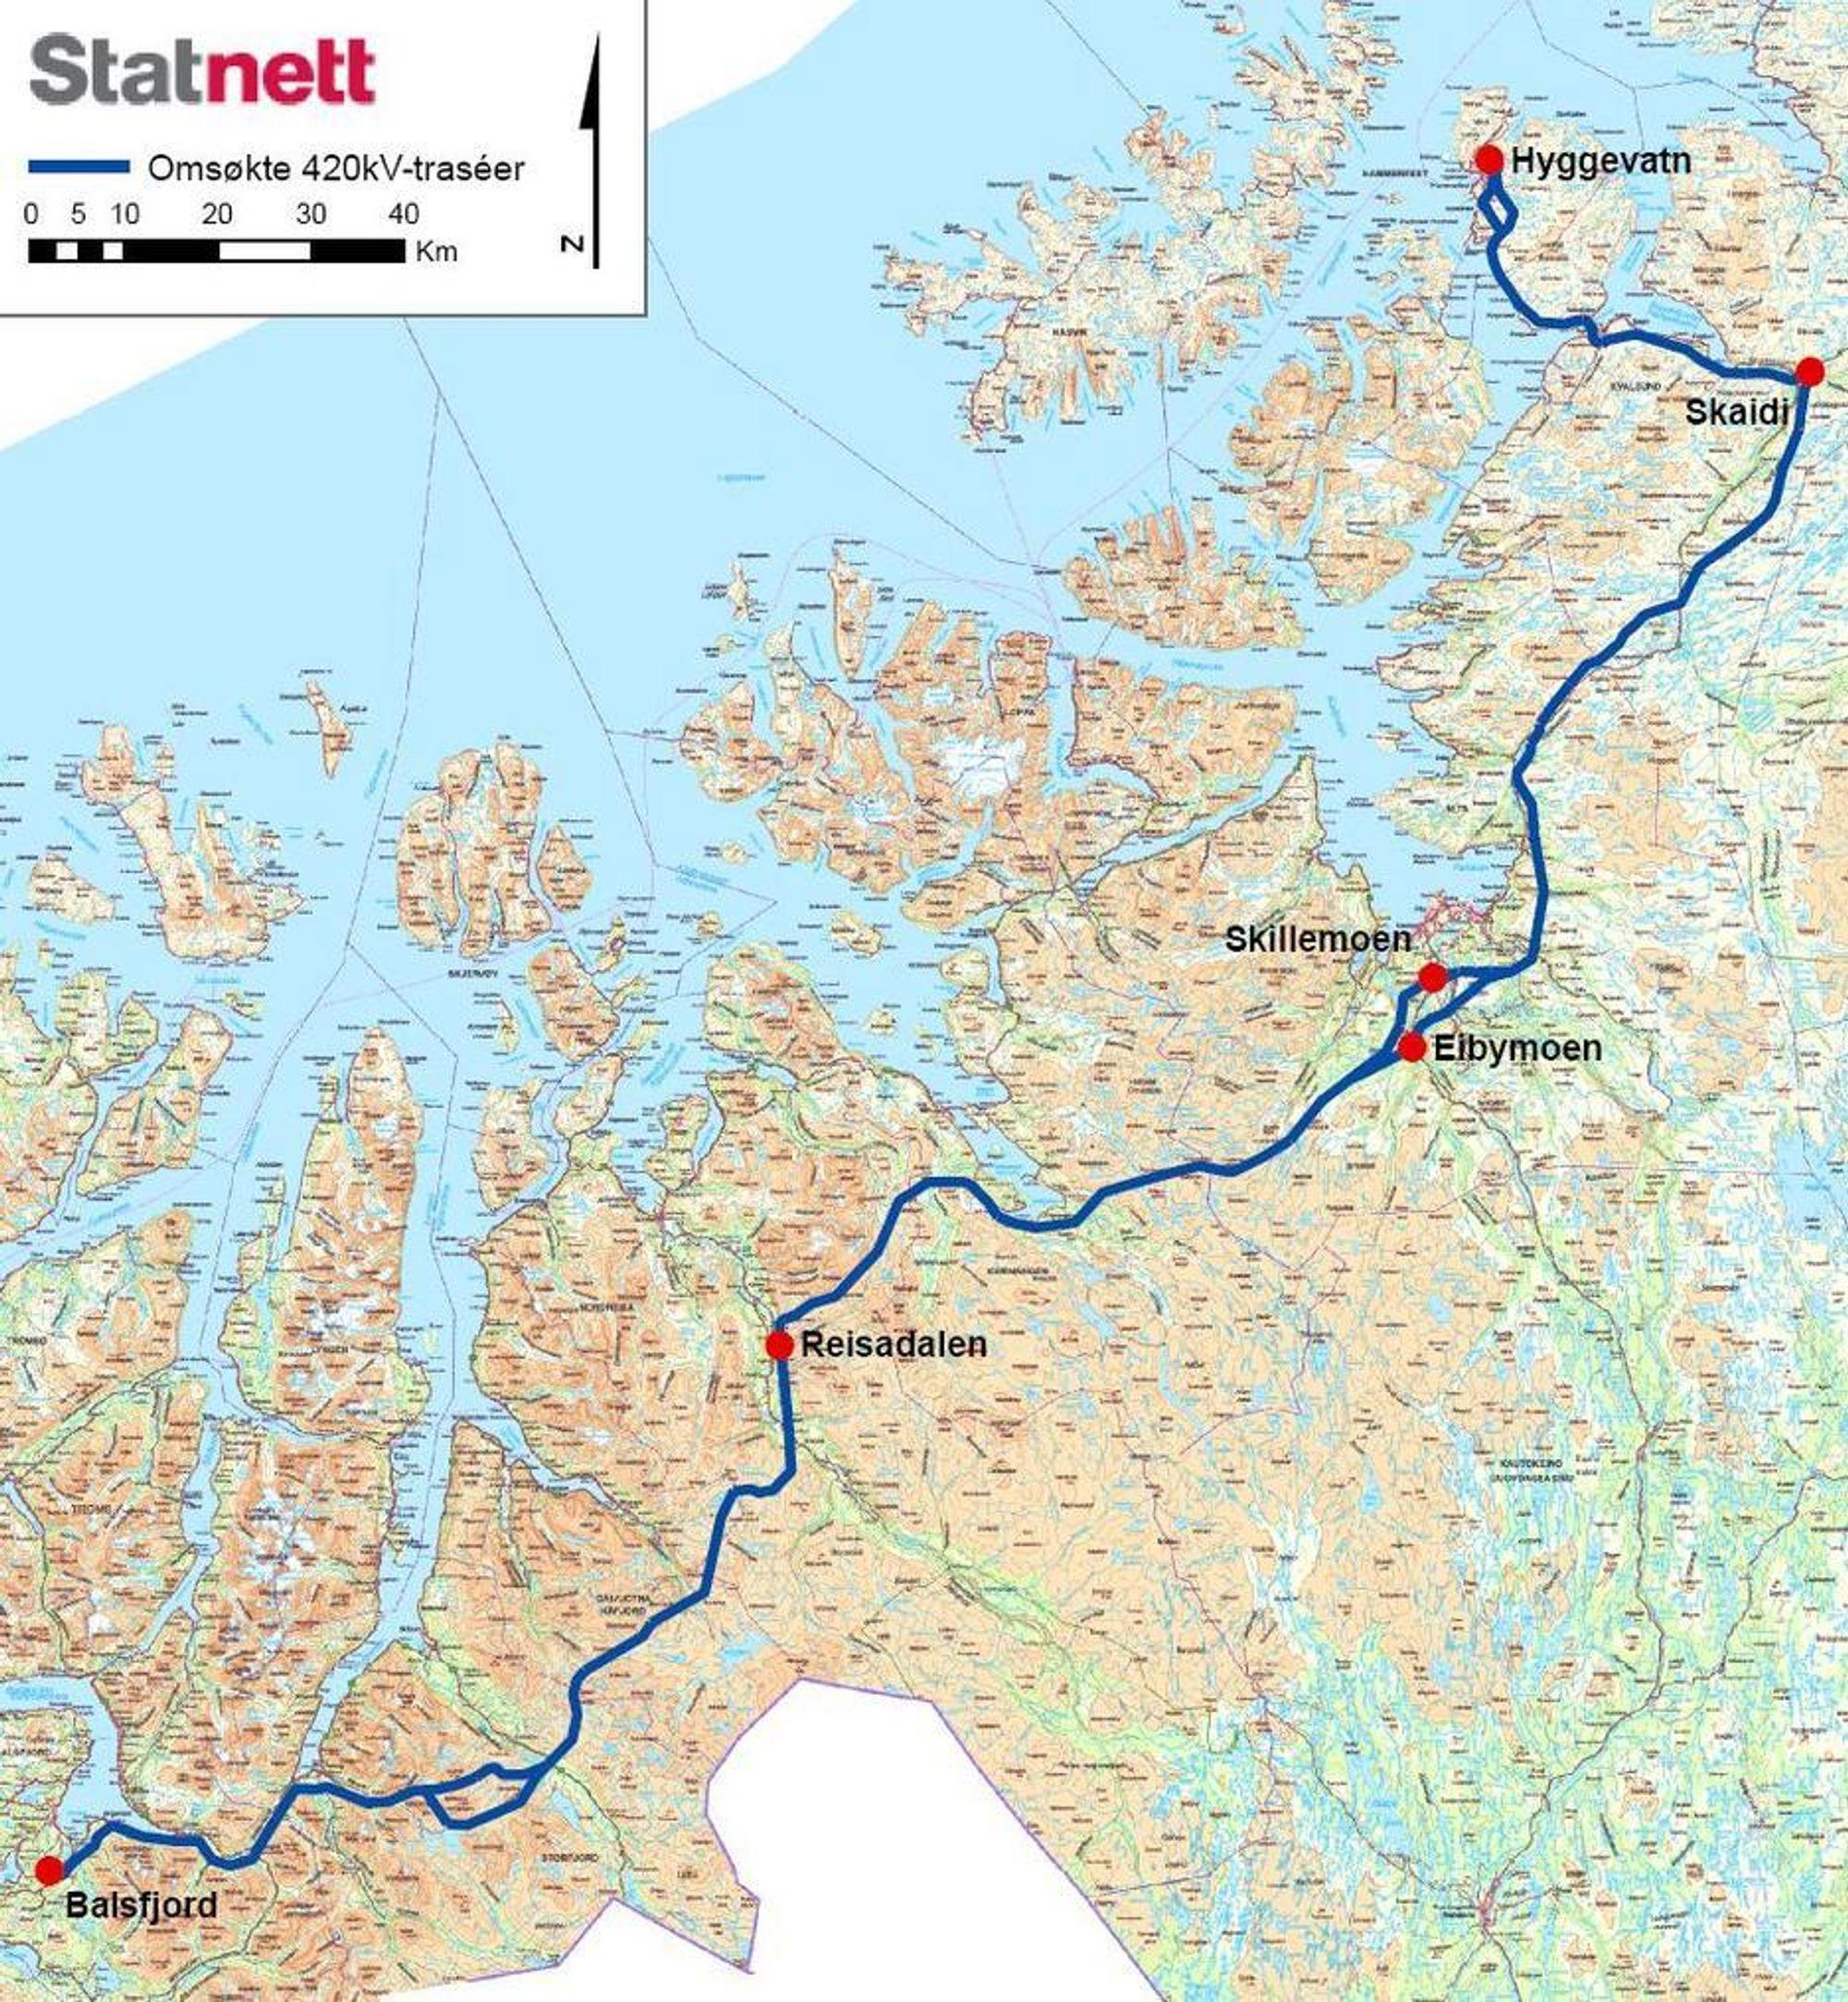 420 kV-linje fra Balsfjord til Hammerfest. Statnett vil bruke tre milliarder kroner på 370 km kraftlinjer på 420 kV mellom Balsfjord i Troms og Hammerfest i Finnmark, og har søkt NVE om konsesjon. Kraftforbruket i området kan tredobles på grunn av Goliat-utbyggingen, økt forbruk på Snøhvit og oppstart av gruvedriften i Sør-Varanger. Linjen går gjennom Balsfjord, Storfjord, Kåfjord, Nordreisa, Kvænangen, Alta, Kvalsund og Hammerfest kommuner og er ferdig i 2016, ifølge Statnett. En ny ledning fra Balsfjord 160 km sørover til Ofoten skal også bygges for å opprettholde forsyningssikkerheten i nord. Den koster en milliard og er ferdig 2015.